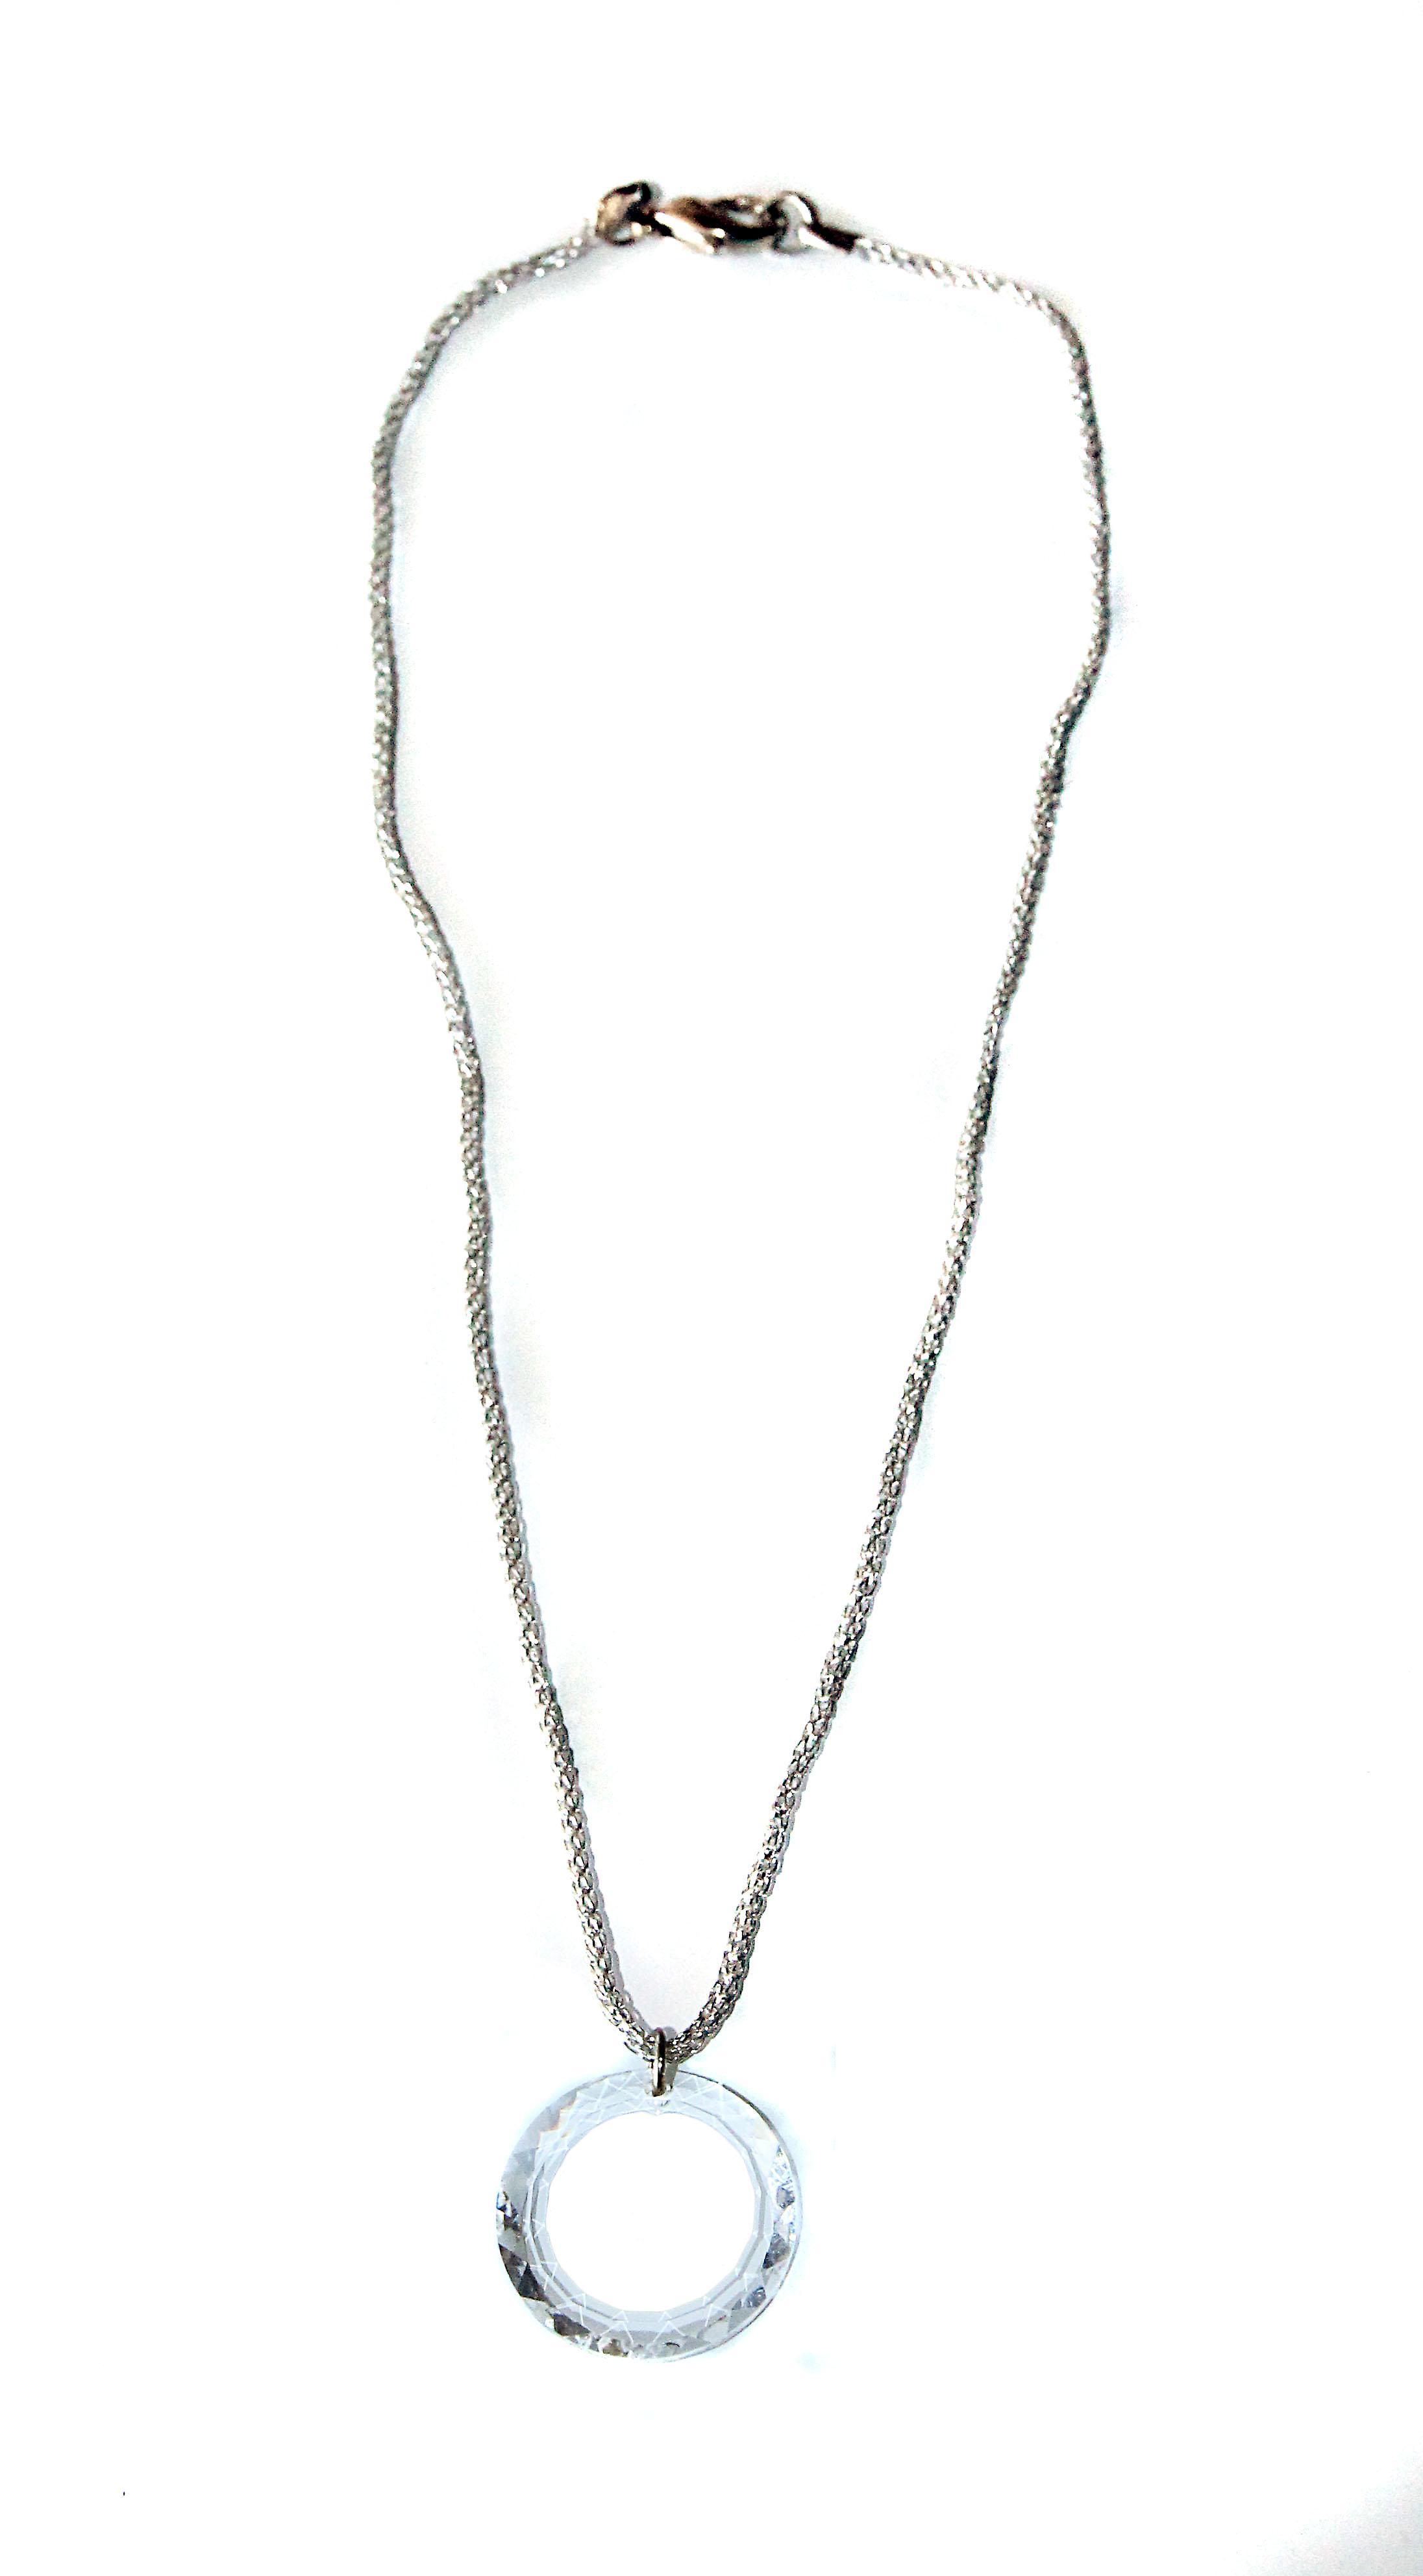 Waooh - Bijoux - Swarovski / Pendentif rond blanc et cordelette - Argenté